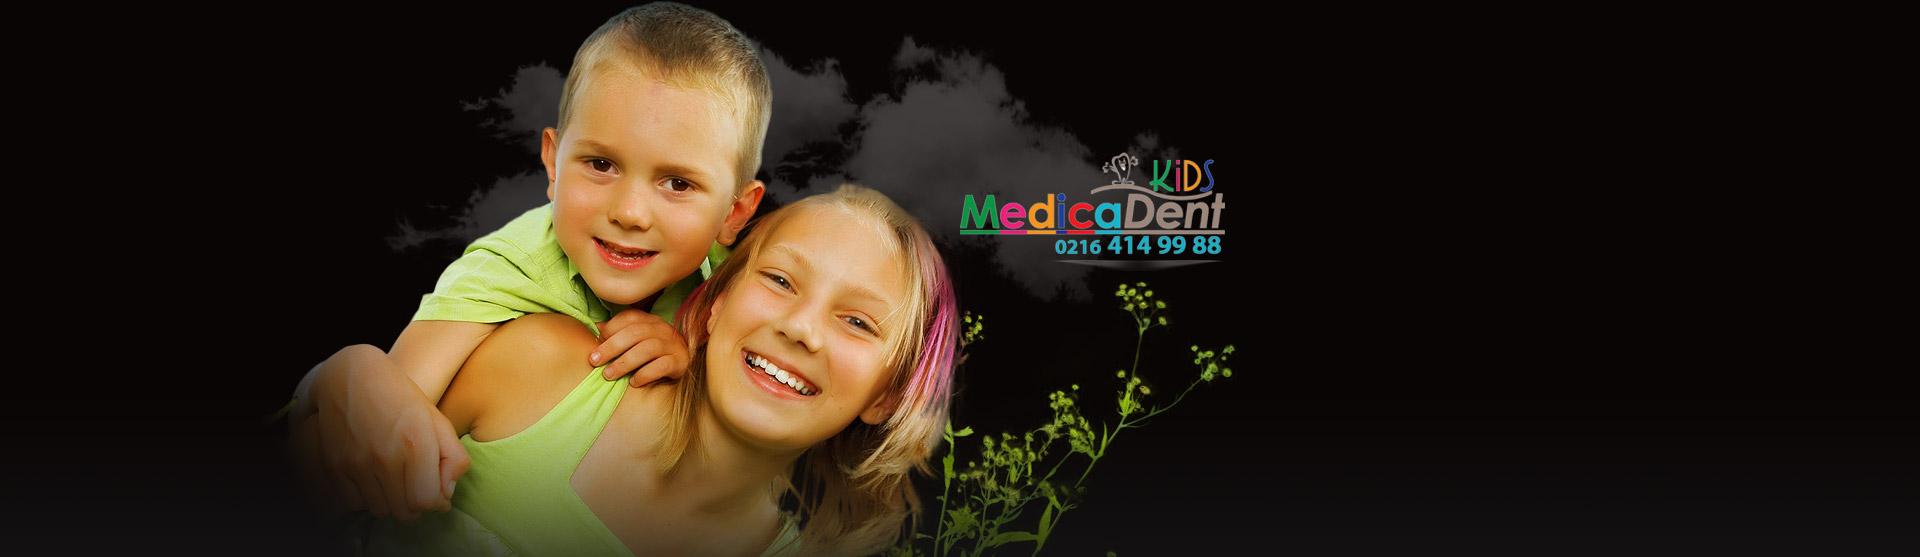 medicadentkids-header-bg